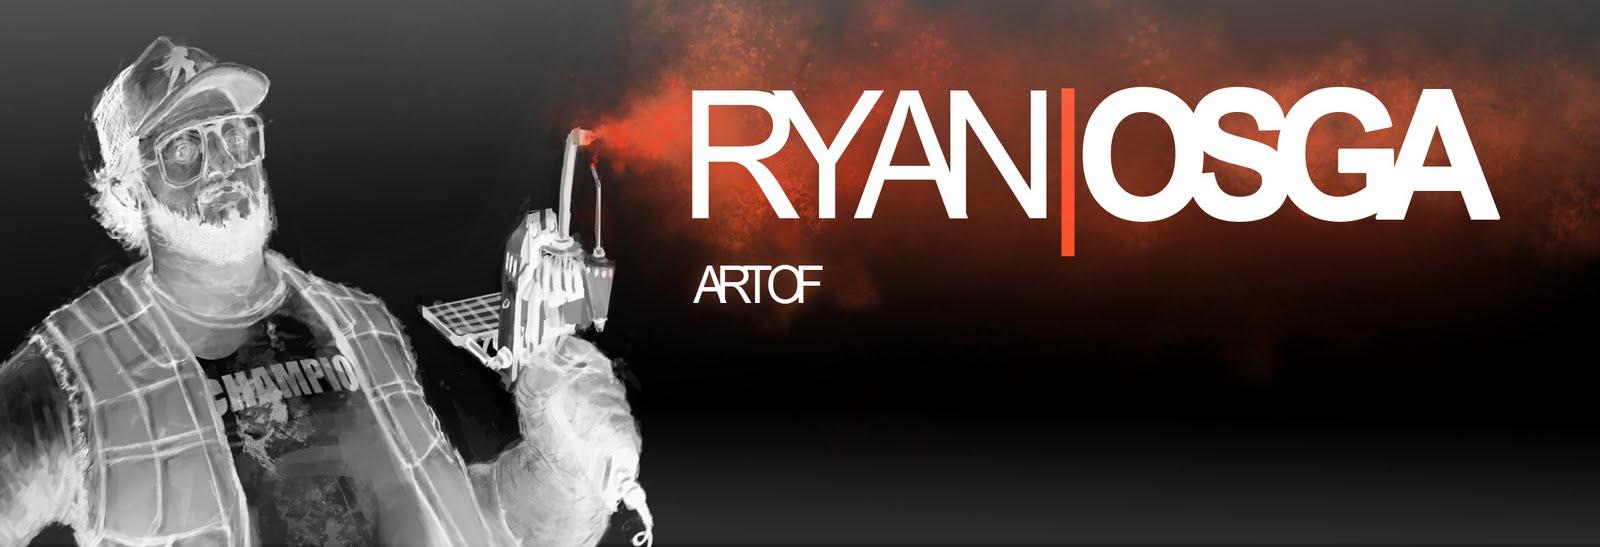 Ryan Osga